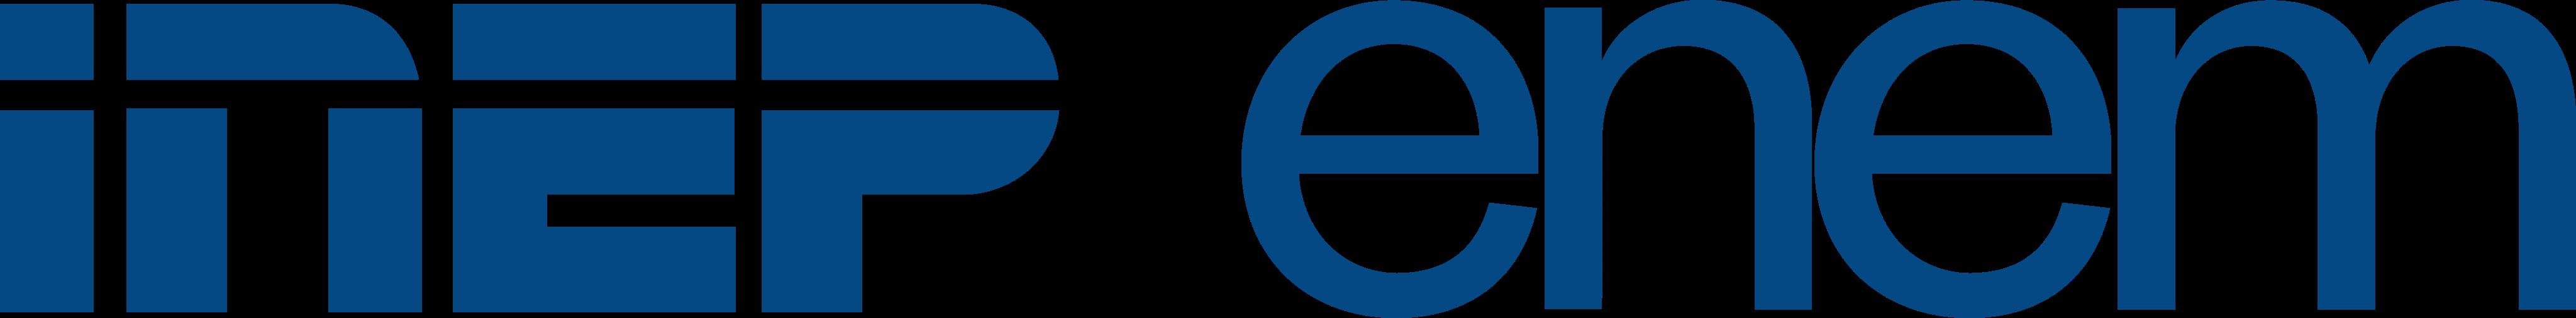 enem logo 2 - Enem Logo - Exame Nacional do Ensino Médio